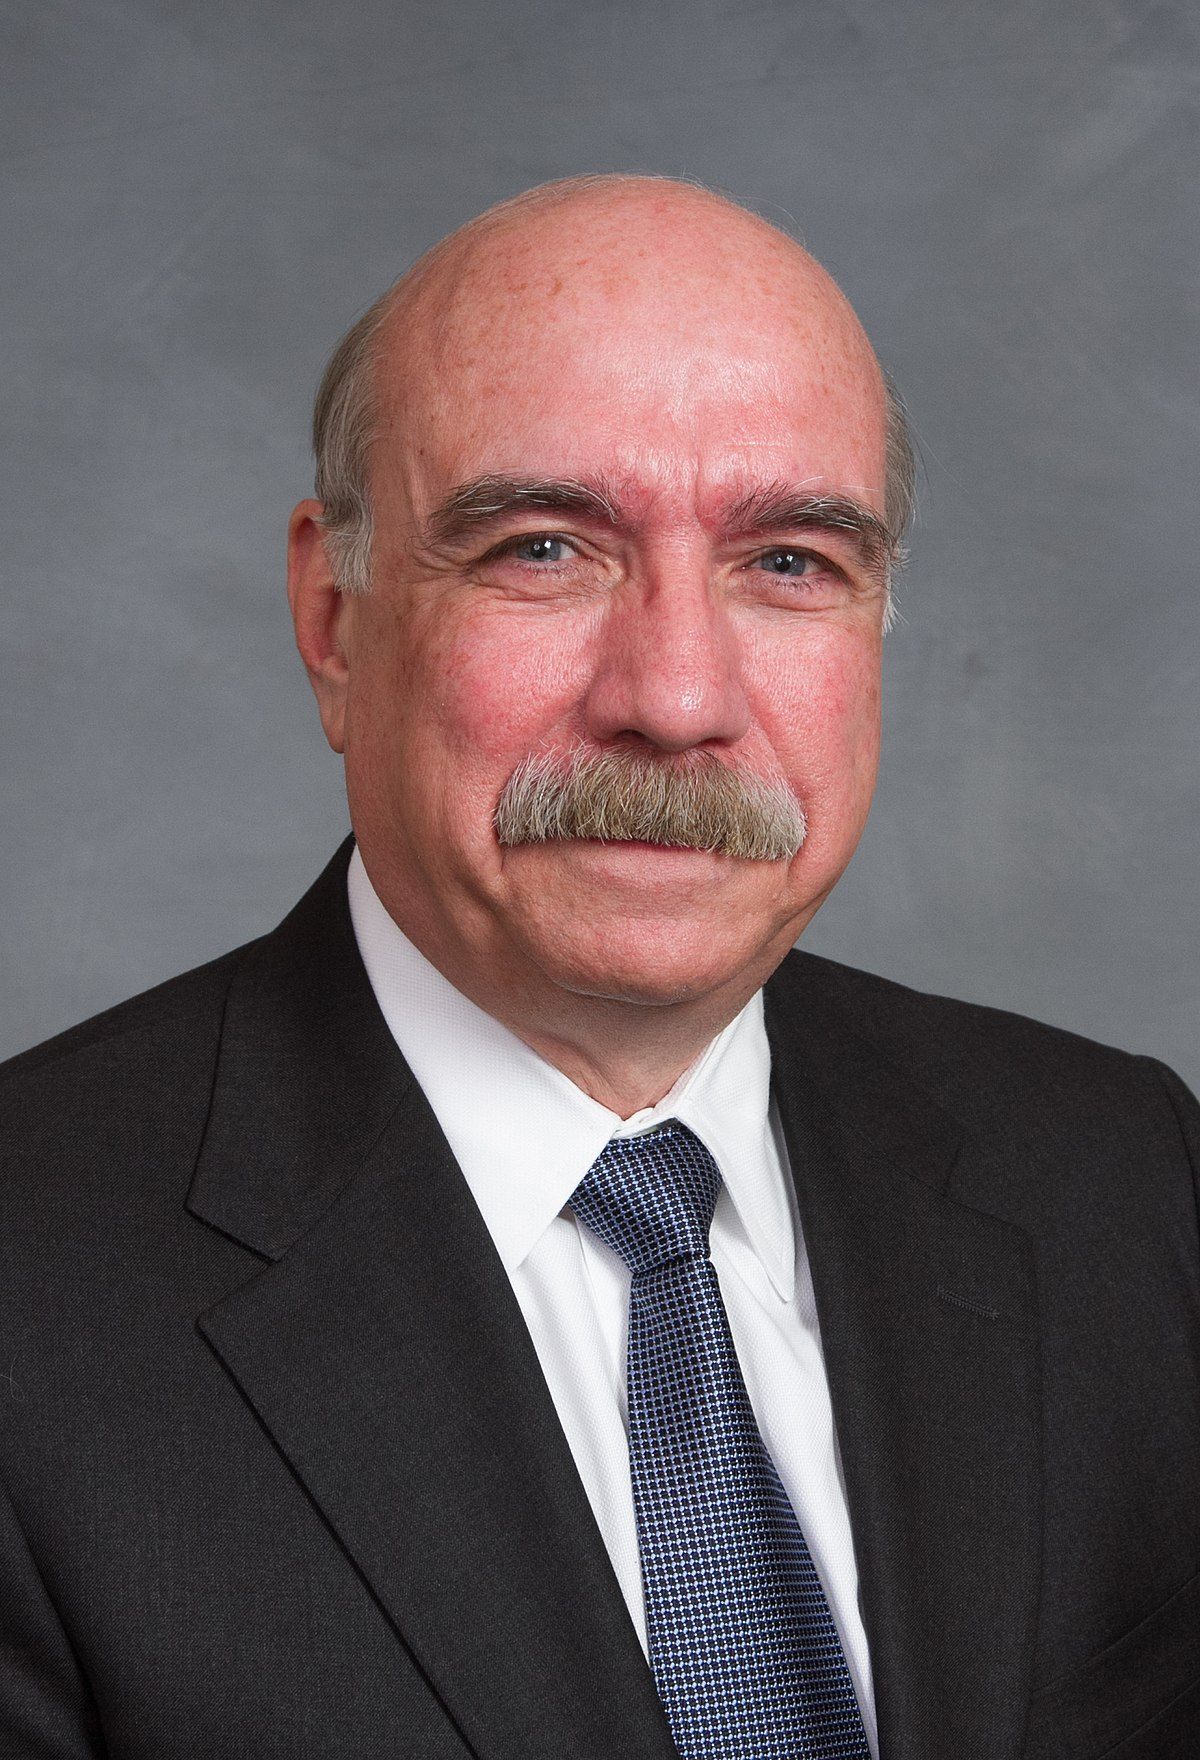 Charlotte Law School >> Dan Clodfelter - Wikipedia